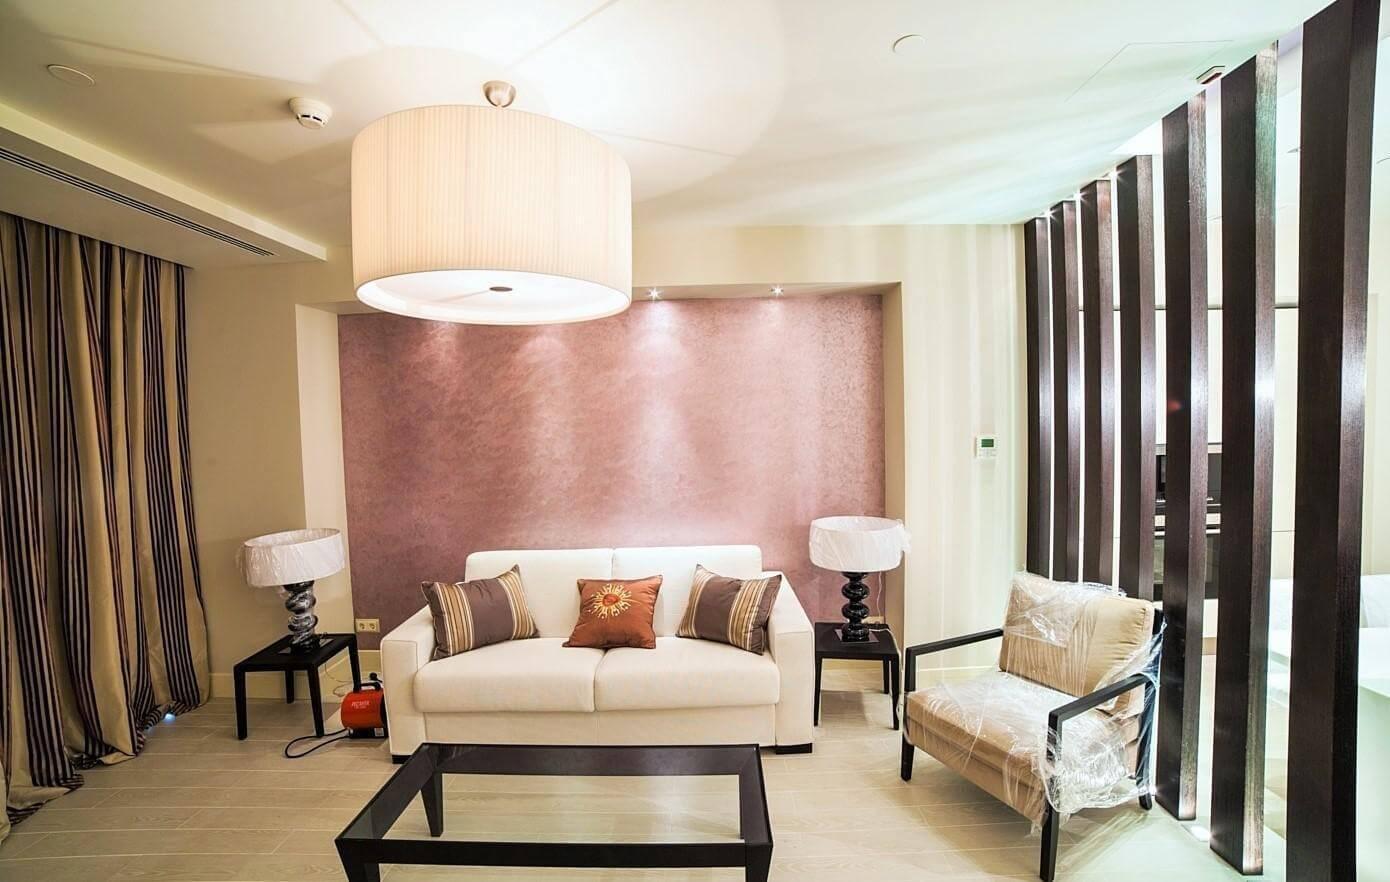 39 апартаментов в популярном комплексе - image  on http://bizneskvartal.ru